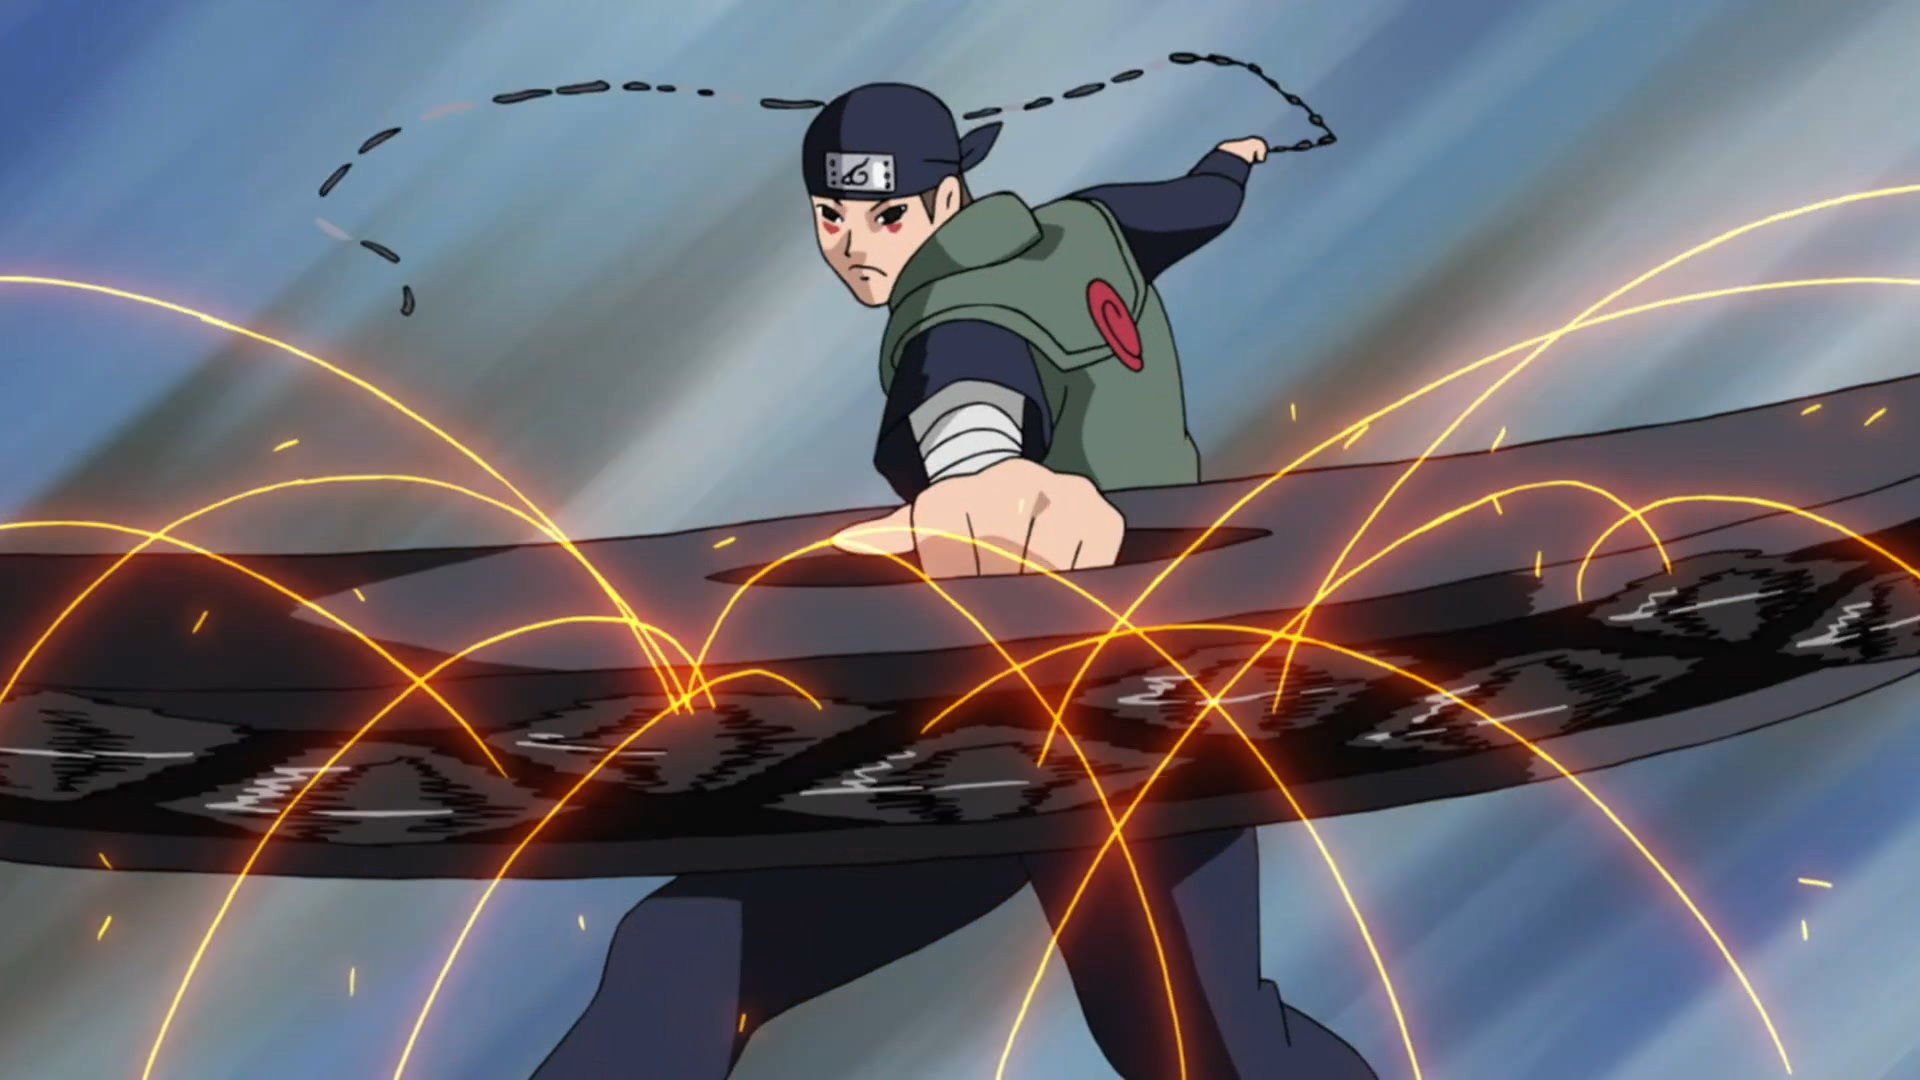 How To Make Shuriken Naruto. Origami. Ninja Weapon. - YouTube | 1080x1920